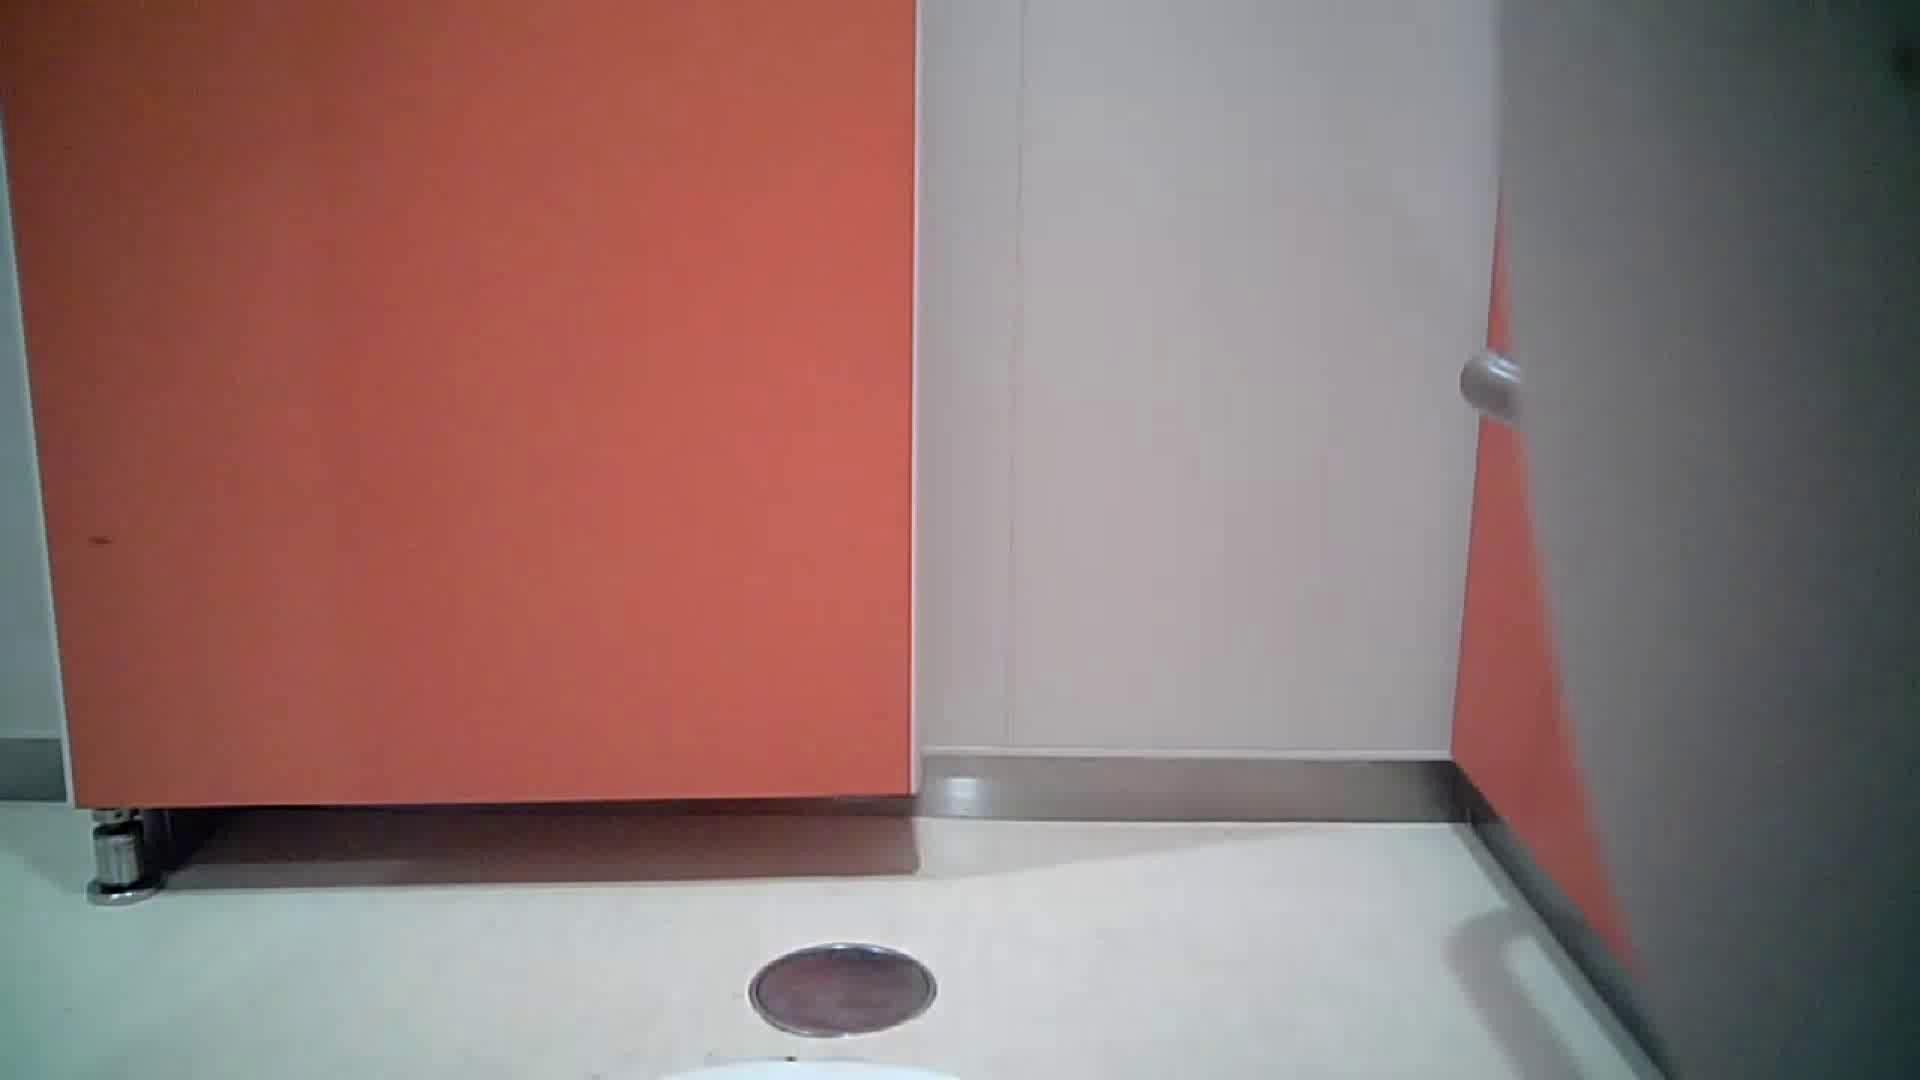 痴態洗面所 Vol.04 上と下の割合が絶妙です。 盛合せ   丸見えマンコ  60画像 31